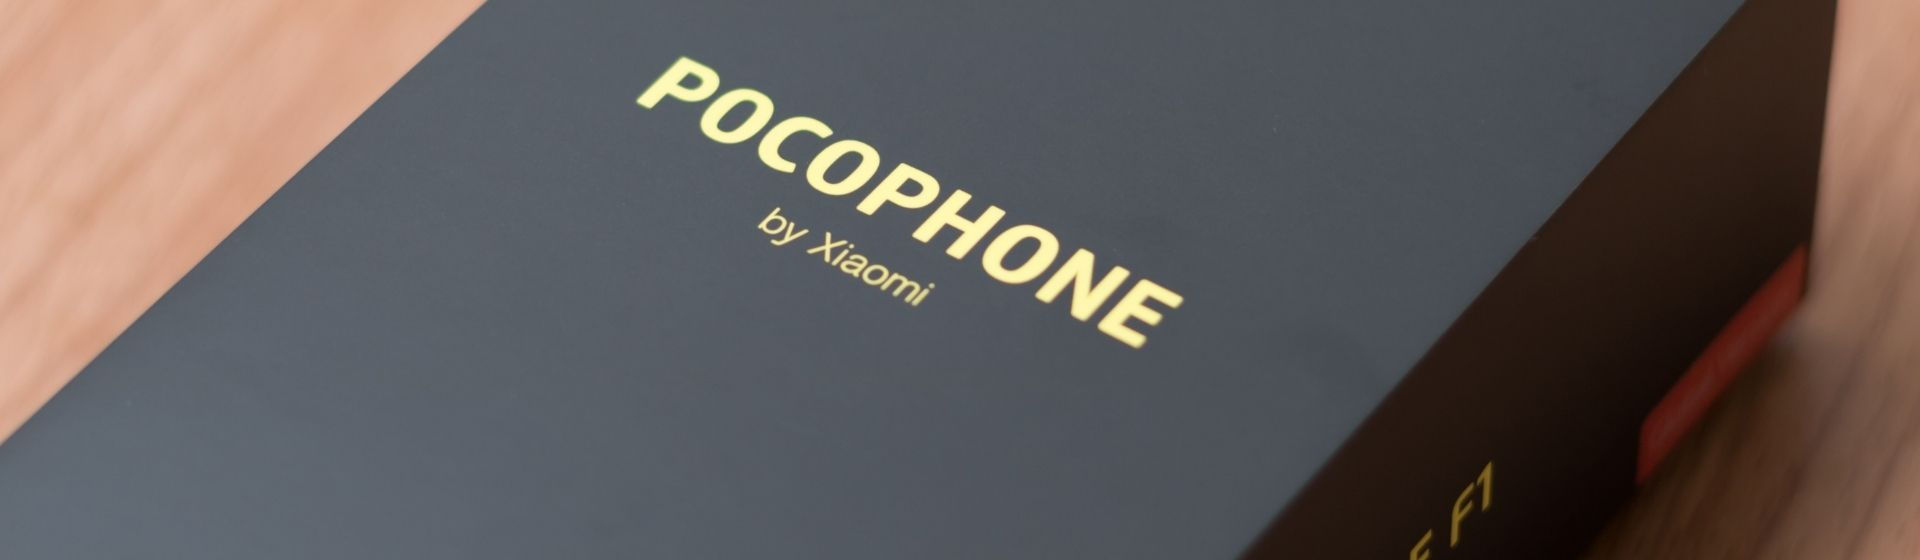 Xiaomi confirma que está trabalhando no Pocophone F2